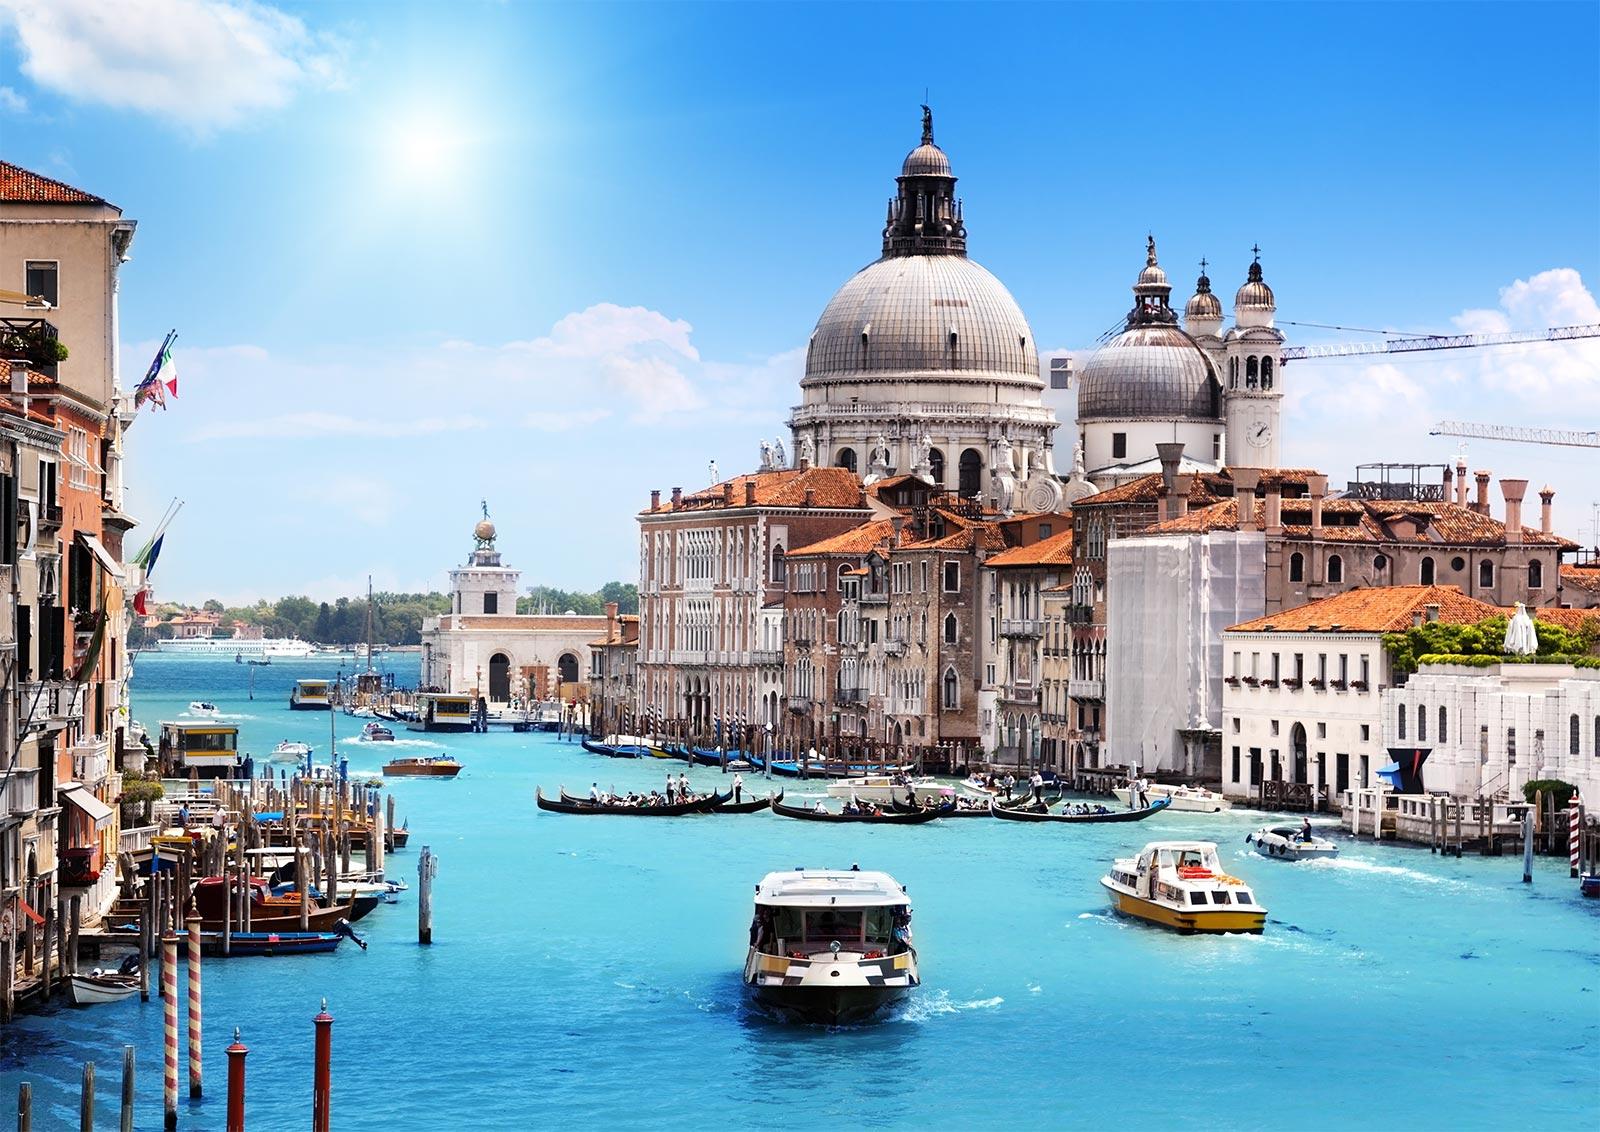 Занимательные туристические поездки по Италии от компании НТК Интурист